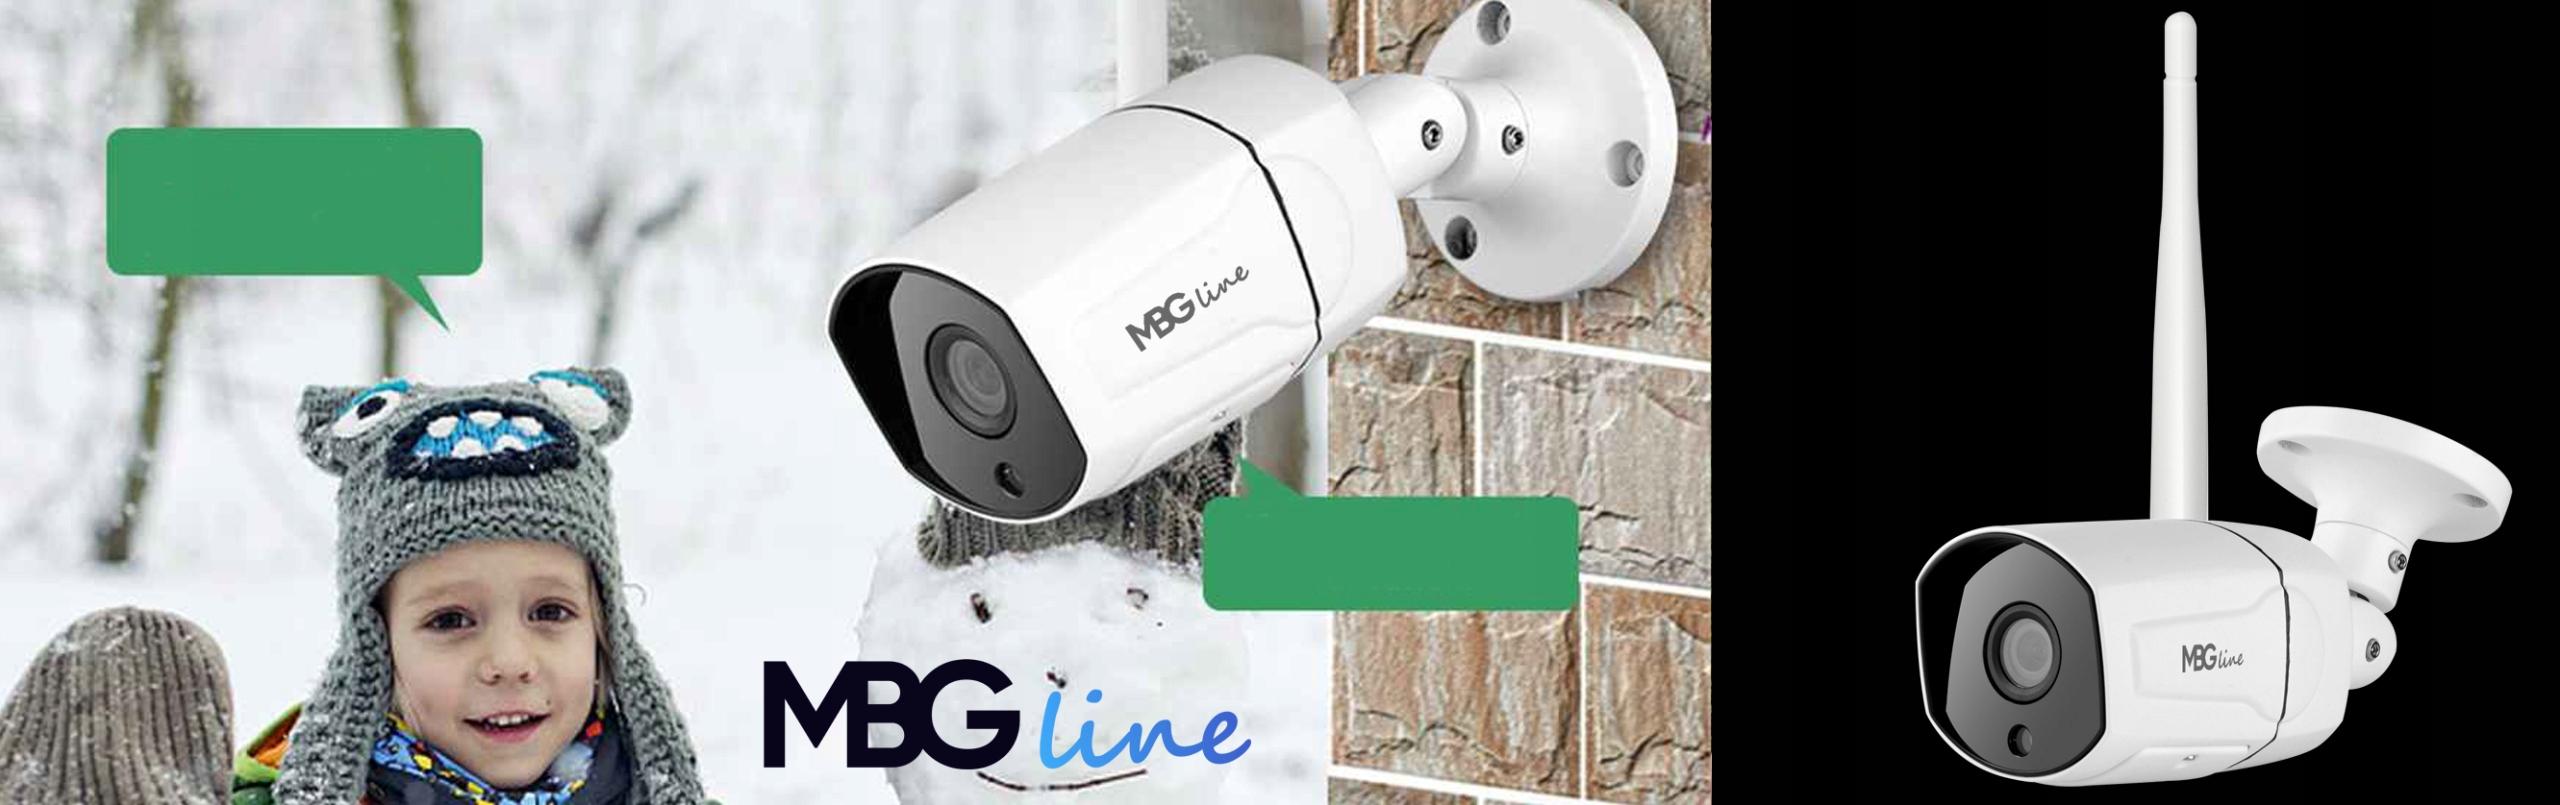 Zewnętrzna kamera IP H265 P2P UHD 5MPIX METAL WIFI Zasięg podczerwieni 30 m